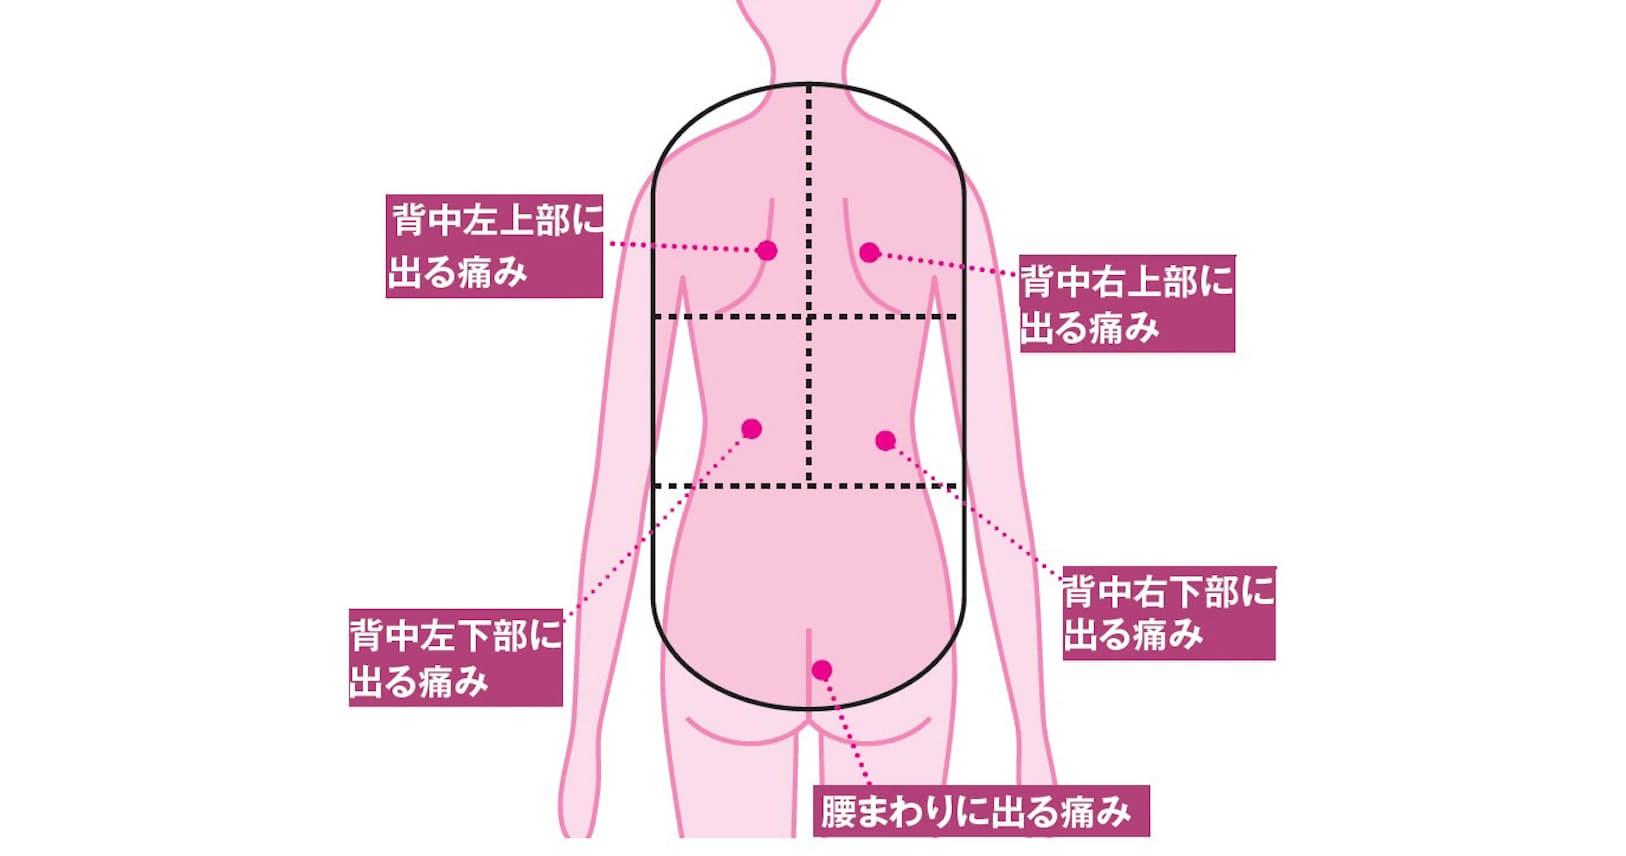 背中 の 痛み 原因